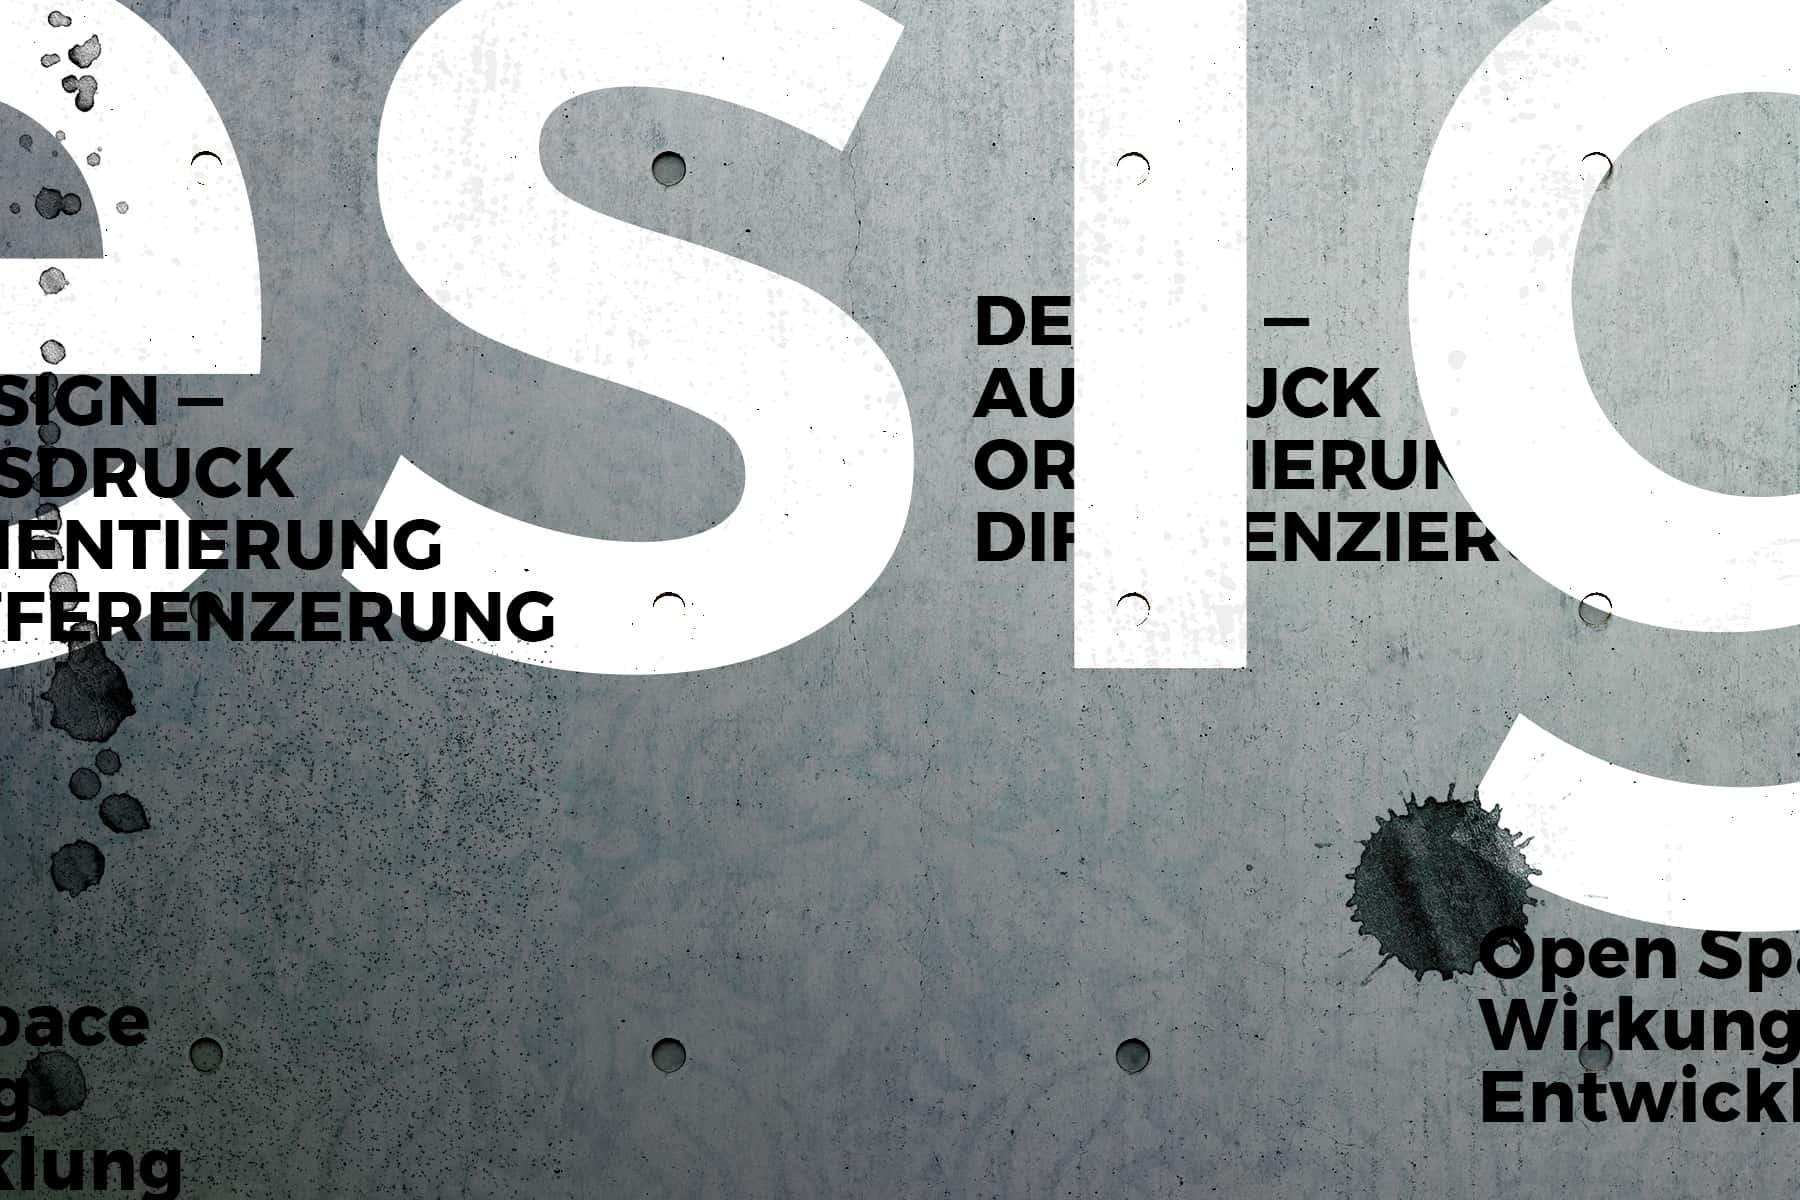 LOFTAGENTUR - Werbeagentur in Fulda - Typografie, Gestaltung, Design und Marketing, Gestaltung